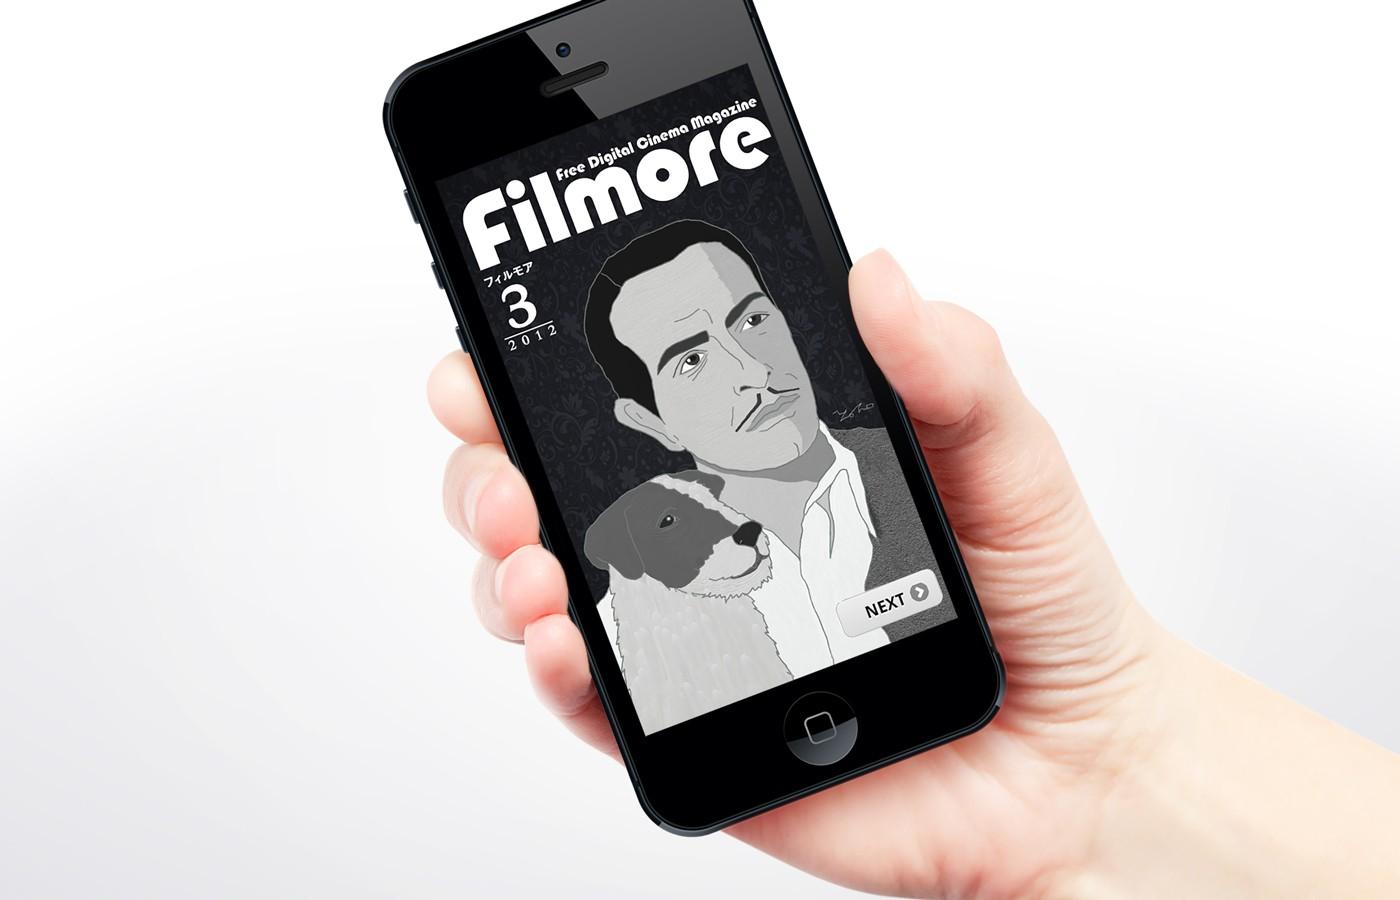 デジタル雑誌「filmore」iphone